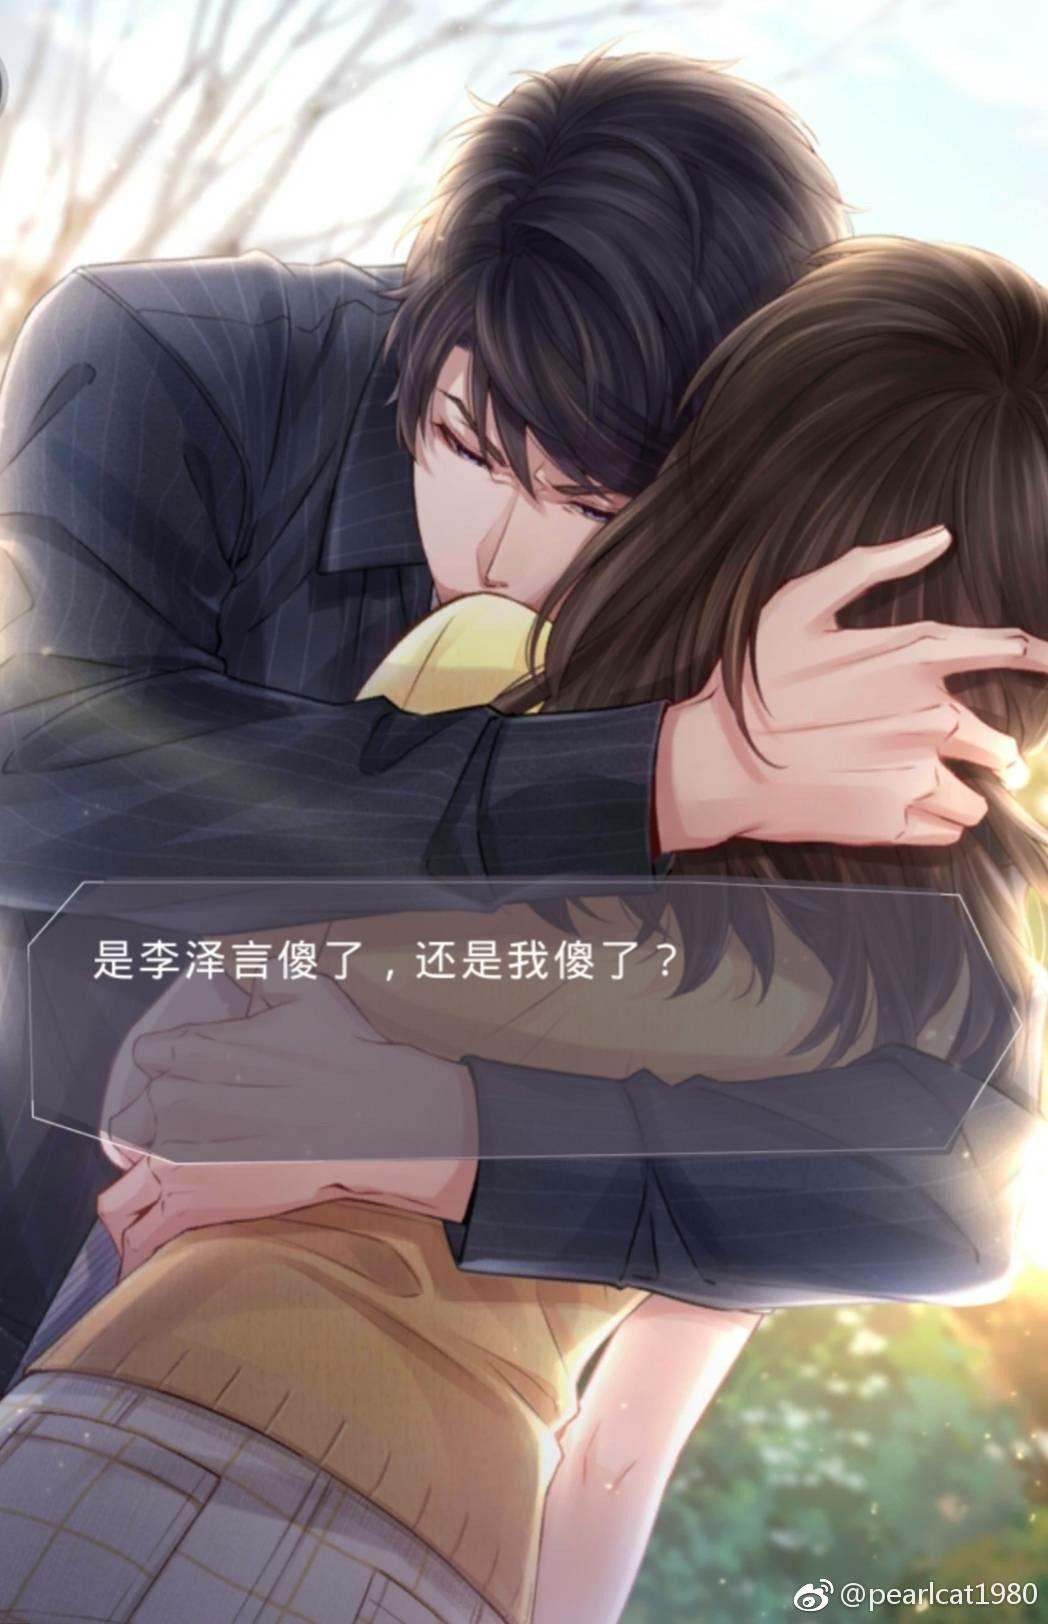 是李澤言傻了,還是我傻了? Animasi, Romantis, Xiao